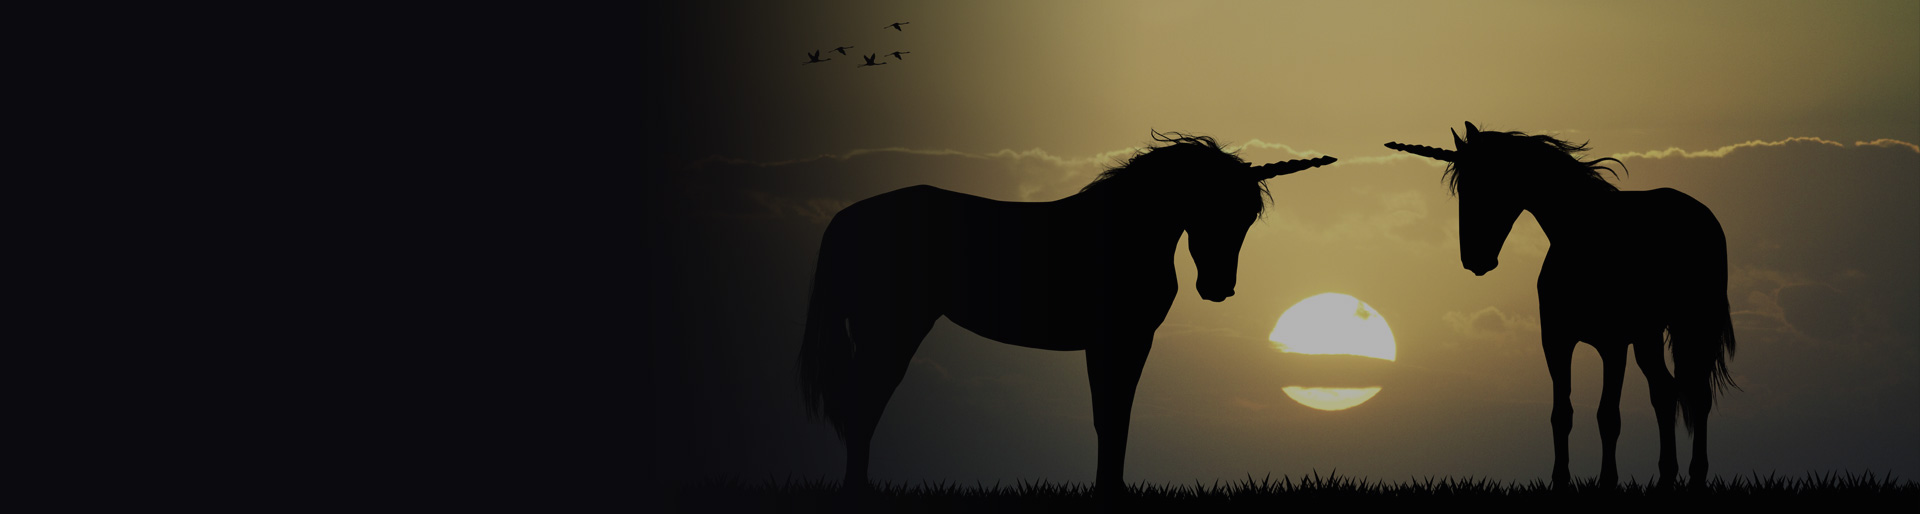 unicorn-background